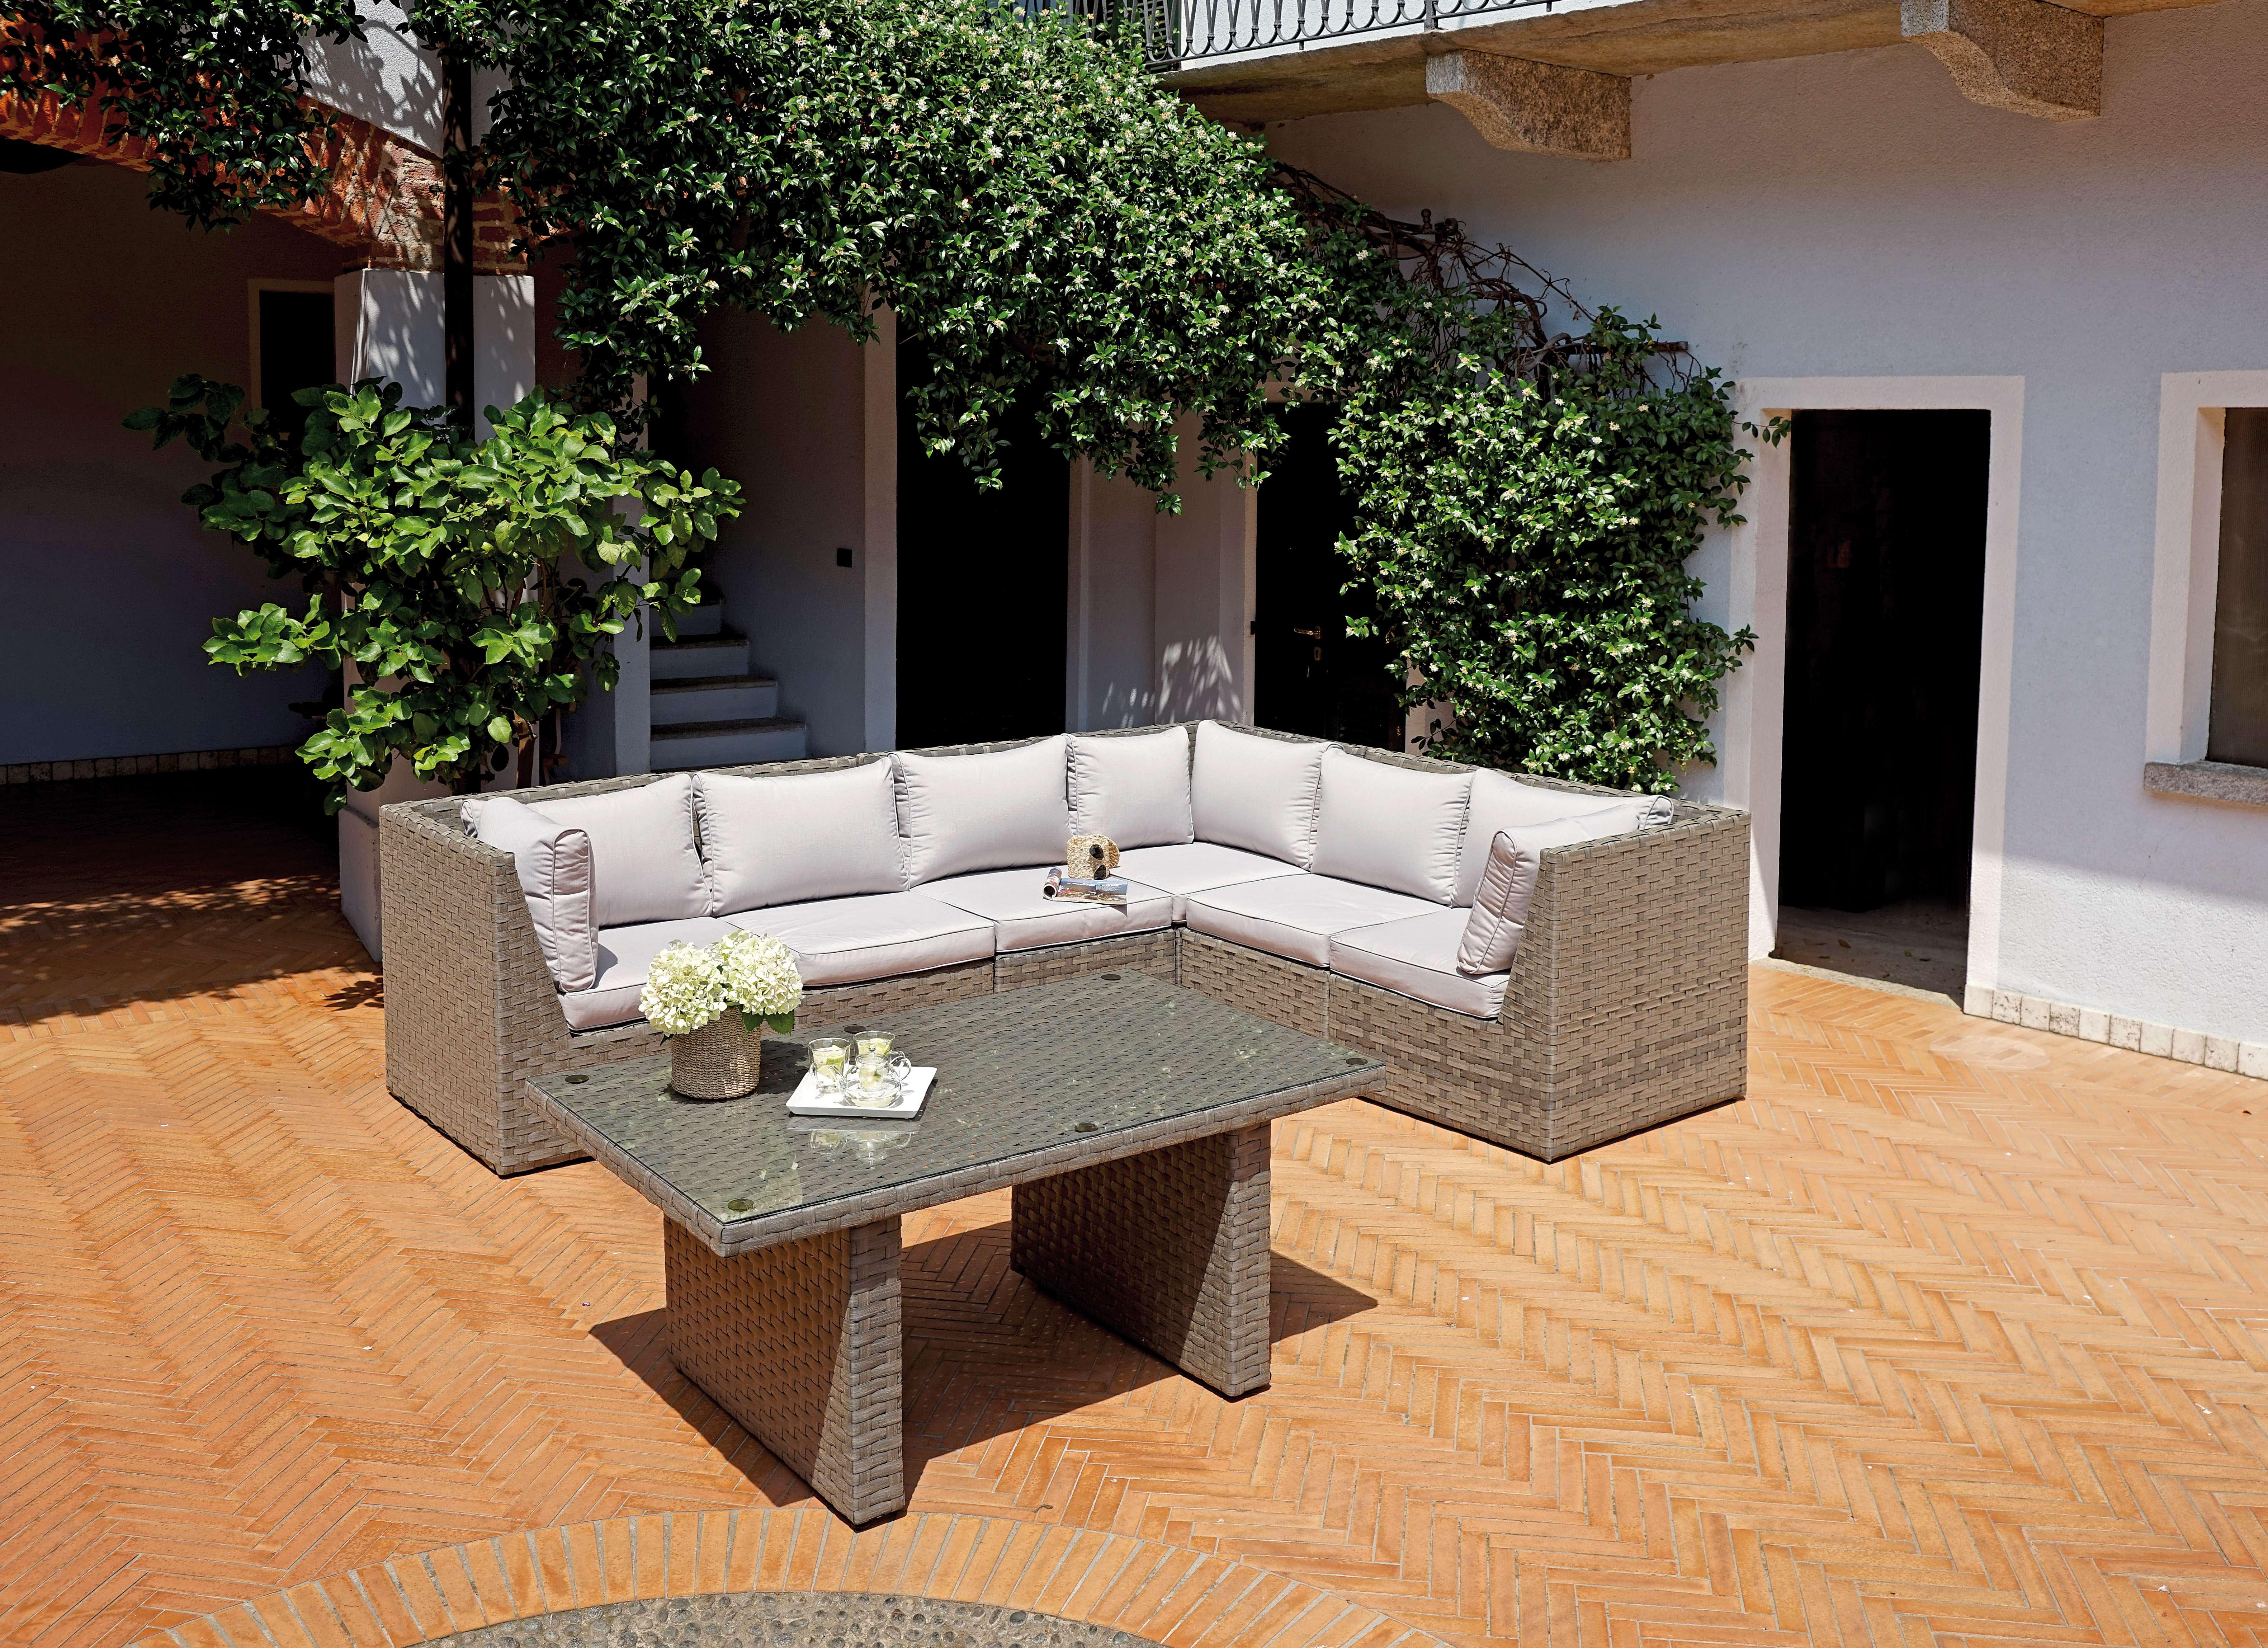 Ambientazione set59 greenwood mobili da giardino for Occasioni mobili da giardino